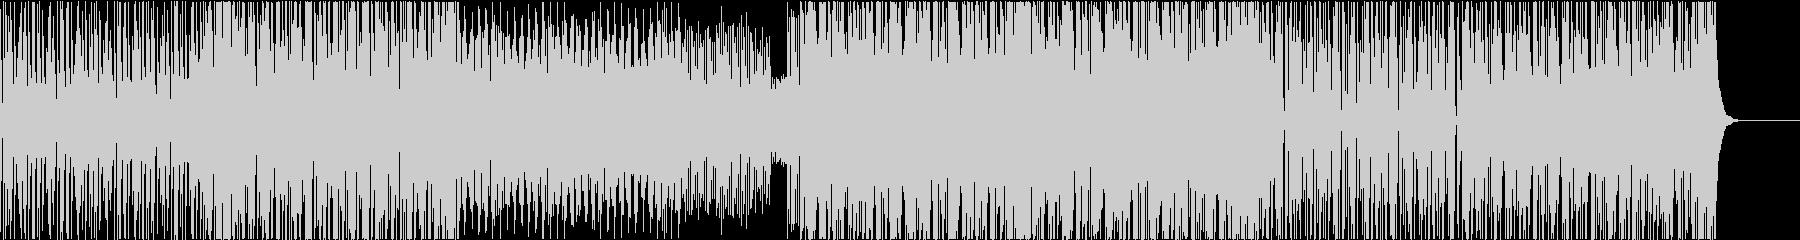 EDM トロピカル レゲエ 楽しいの未再生の波形